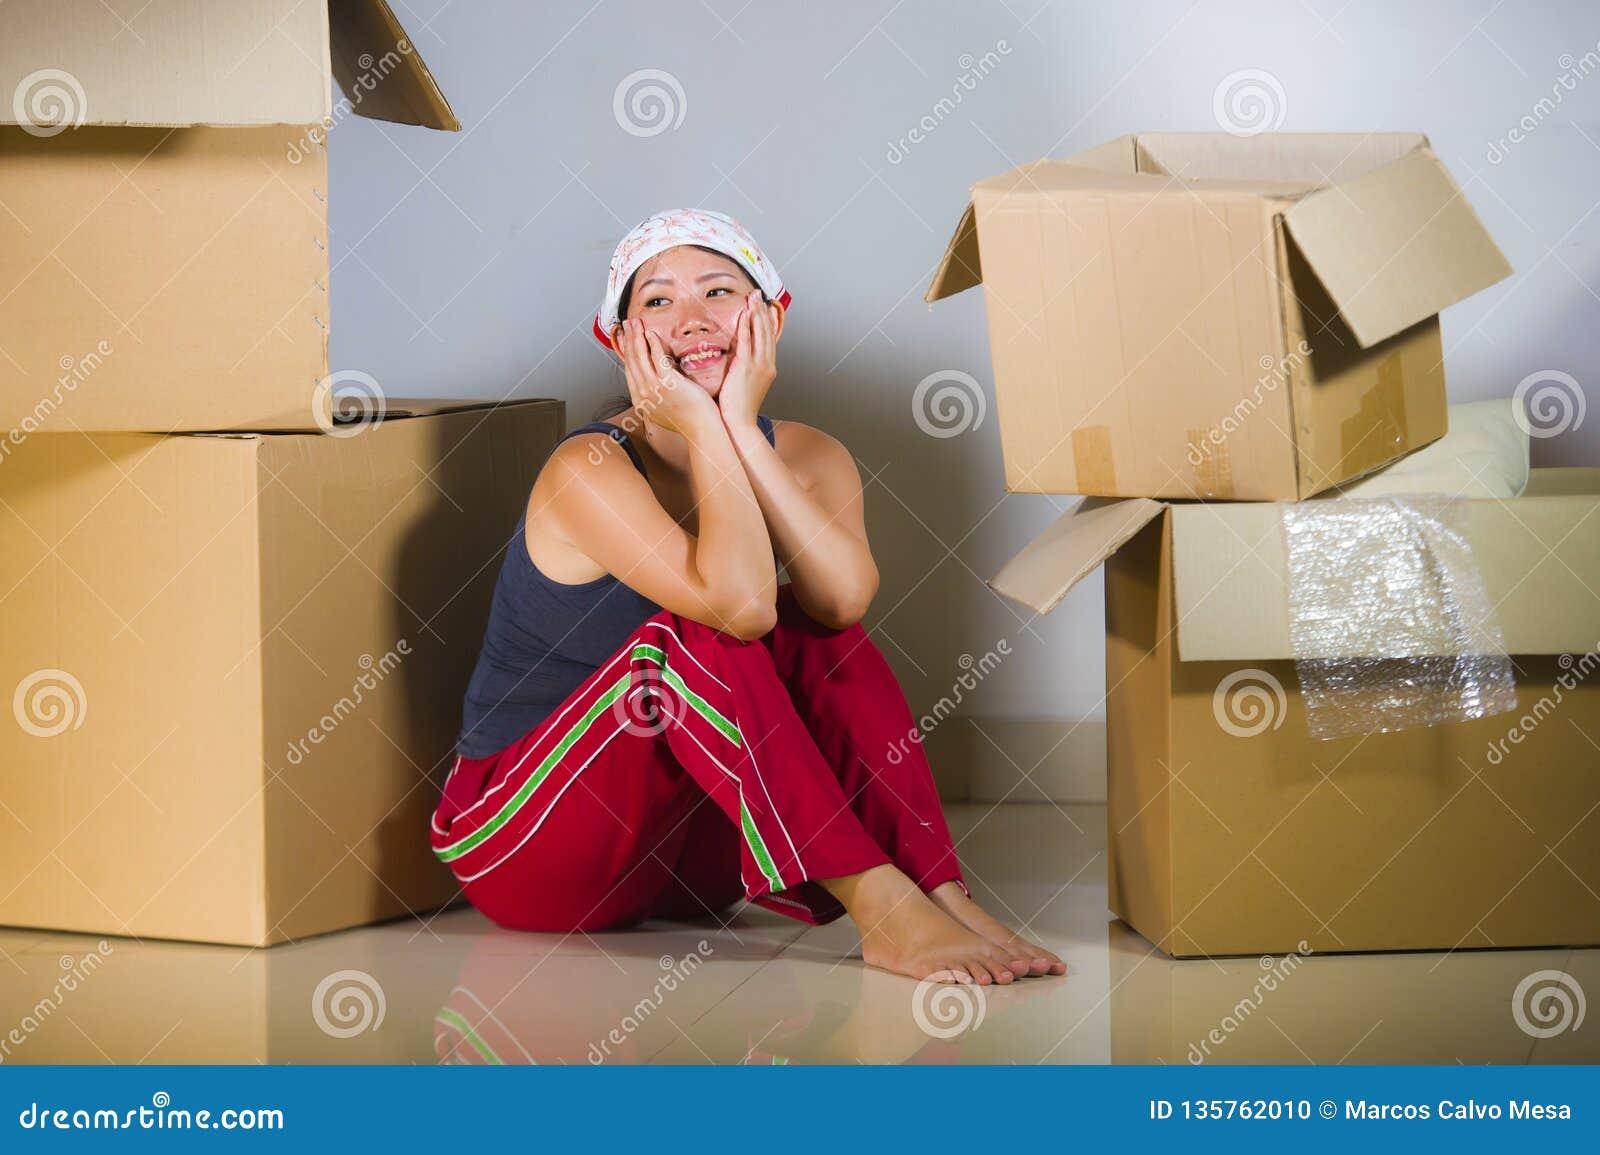 Jeune plancher enthousiaste de salon de belle et heureuse femme coréenne asiatique à la maison déballant des affaires des boîtes